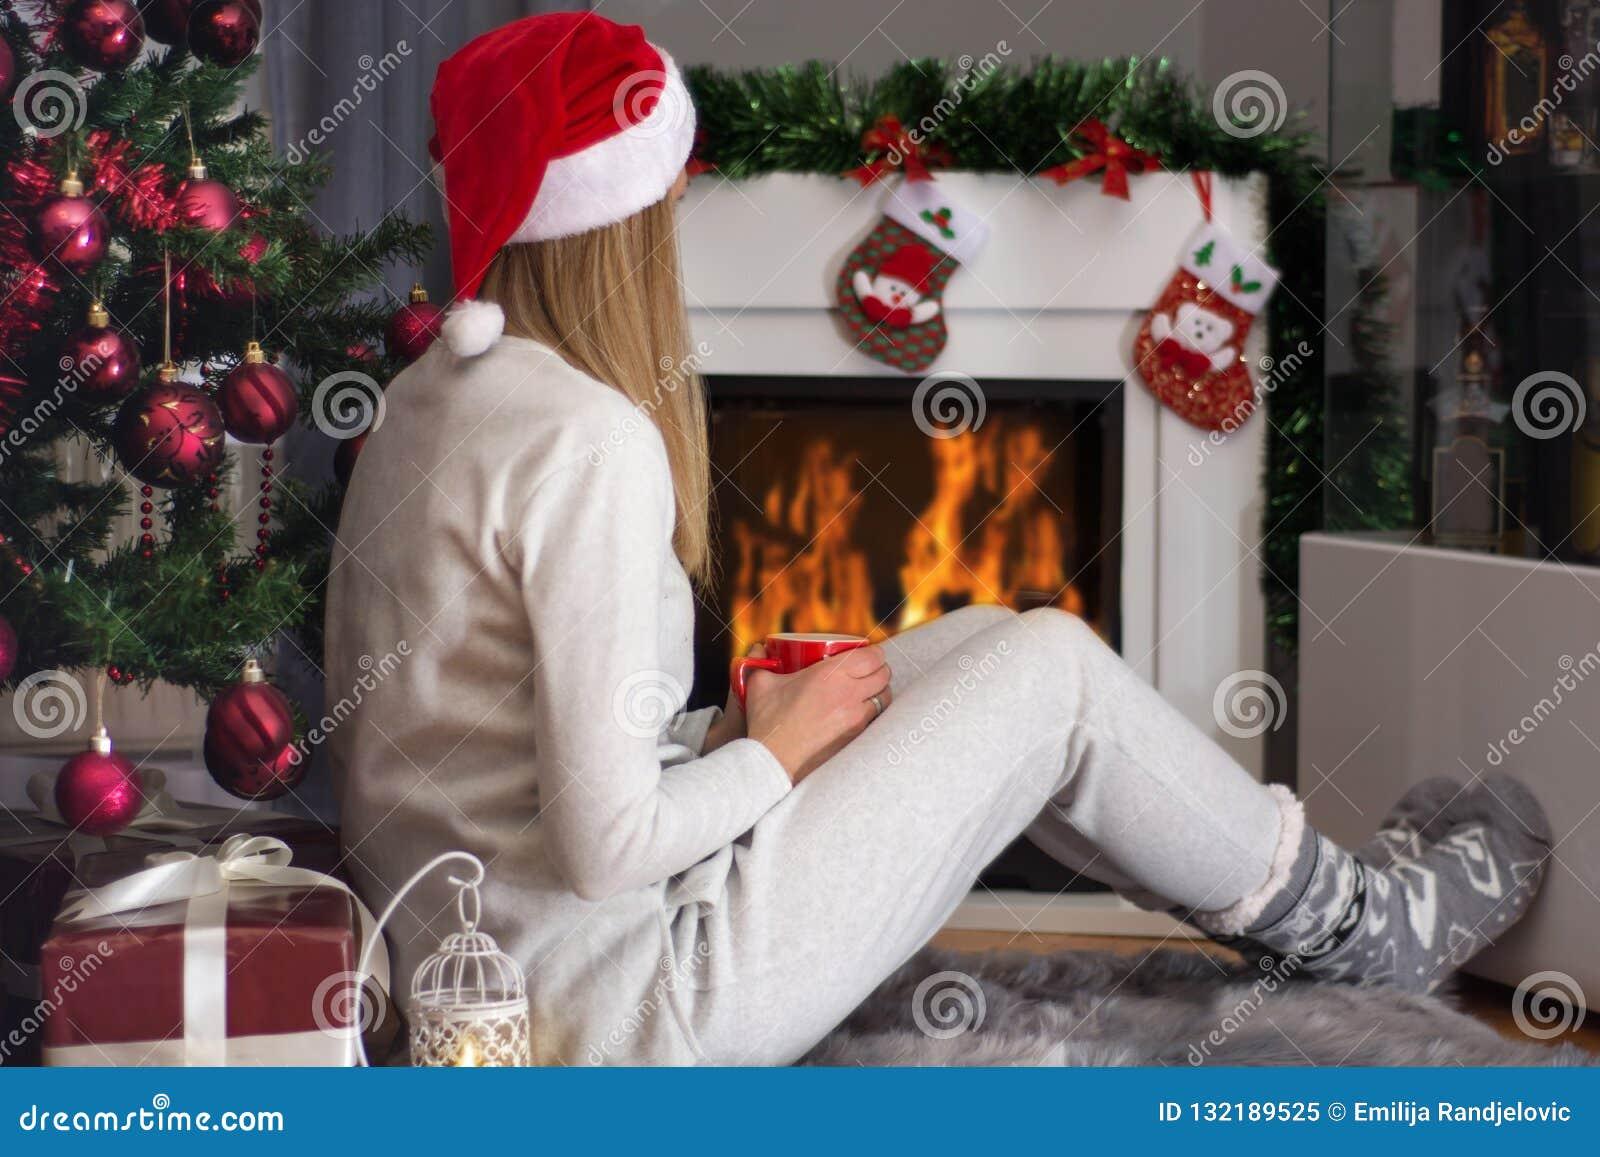 Συνεδρίαση γυναικών στο γούνινο τάπητα κοντά στην εστία και το χριστουγεννιάτικο δέντρο